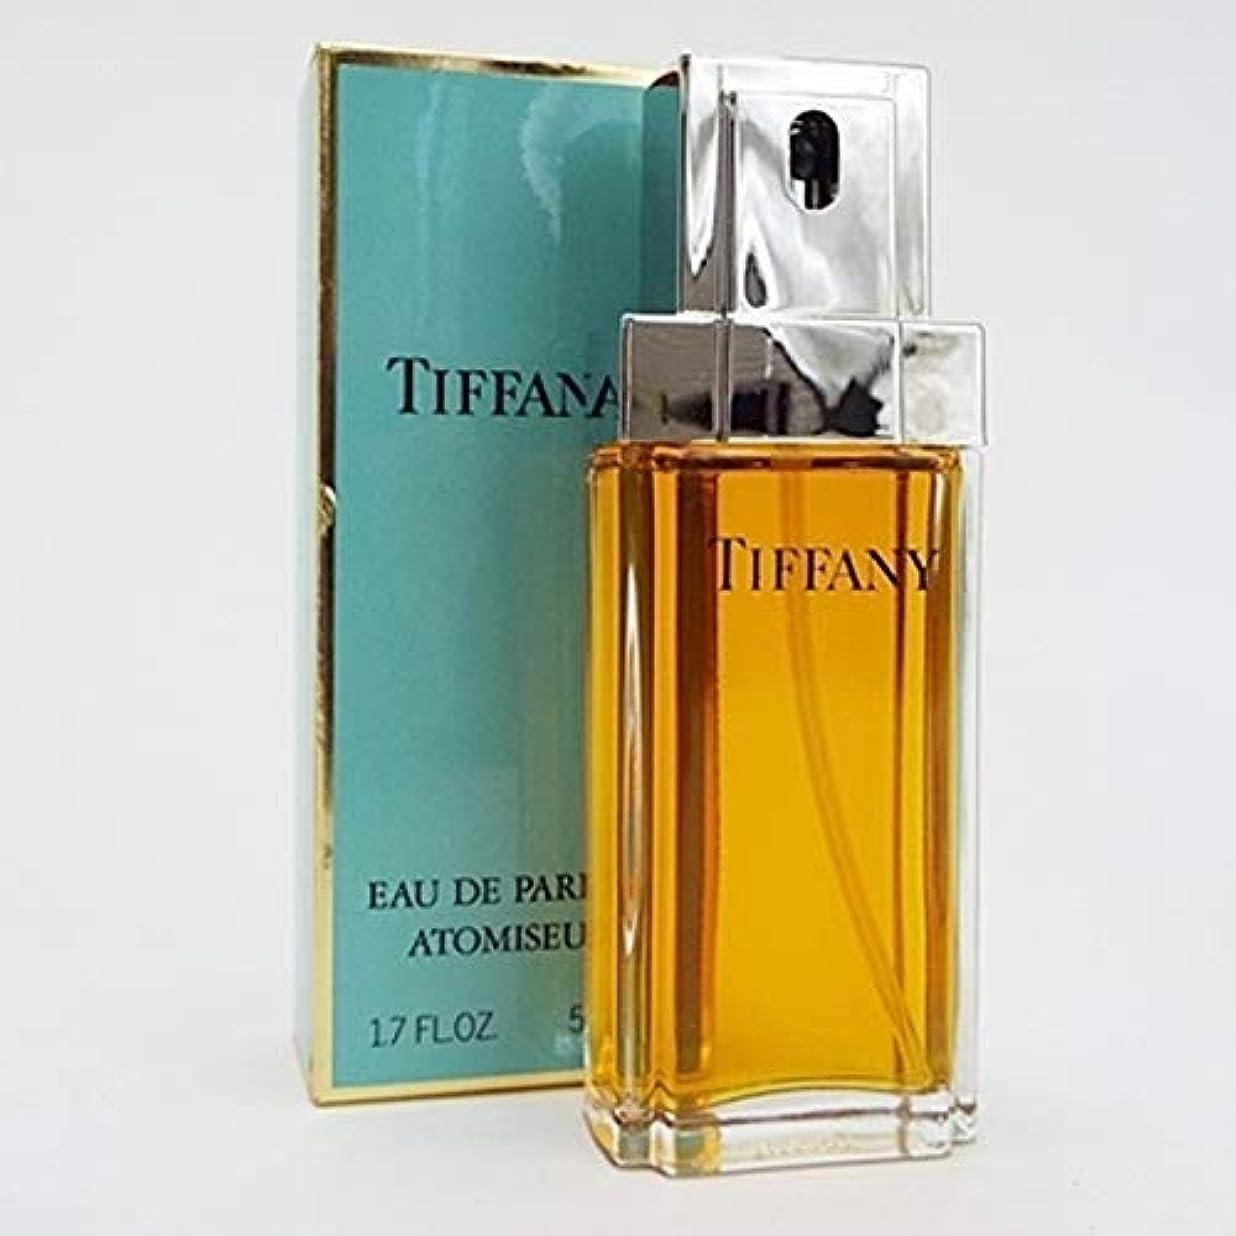 起きろ泥だらけ学ぶ【訳有り】 ティファニー EDP 50ml Tiffany (並行輸入)